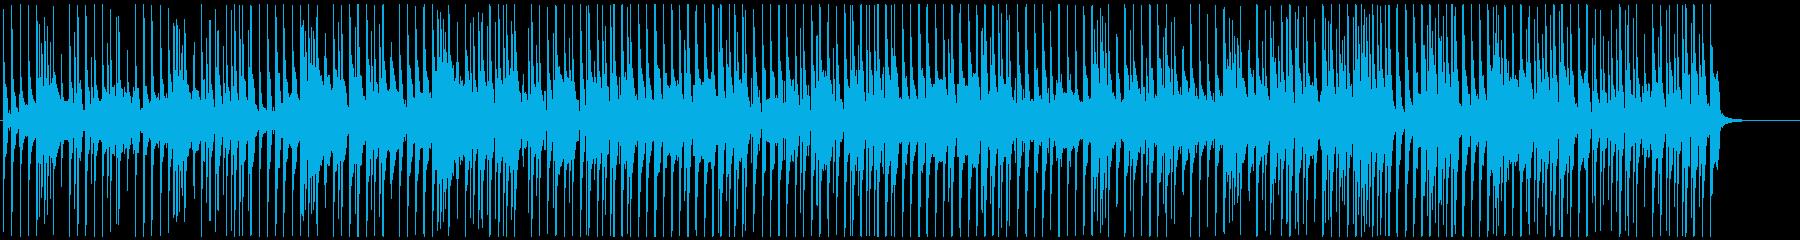 かわいいポップ登場マーチYouTube風の再生済みの波形